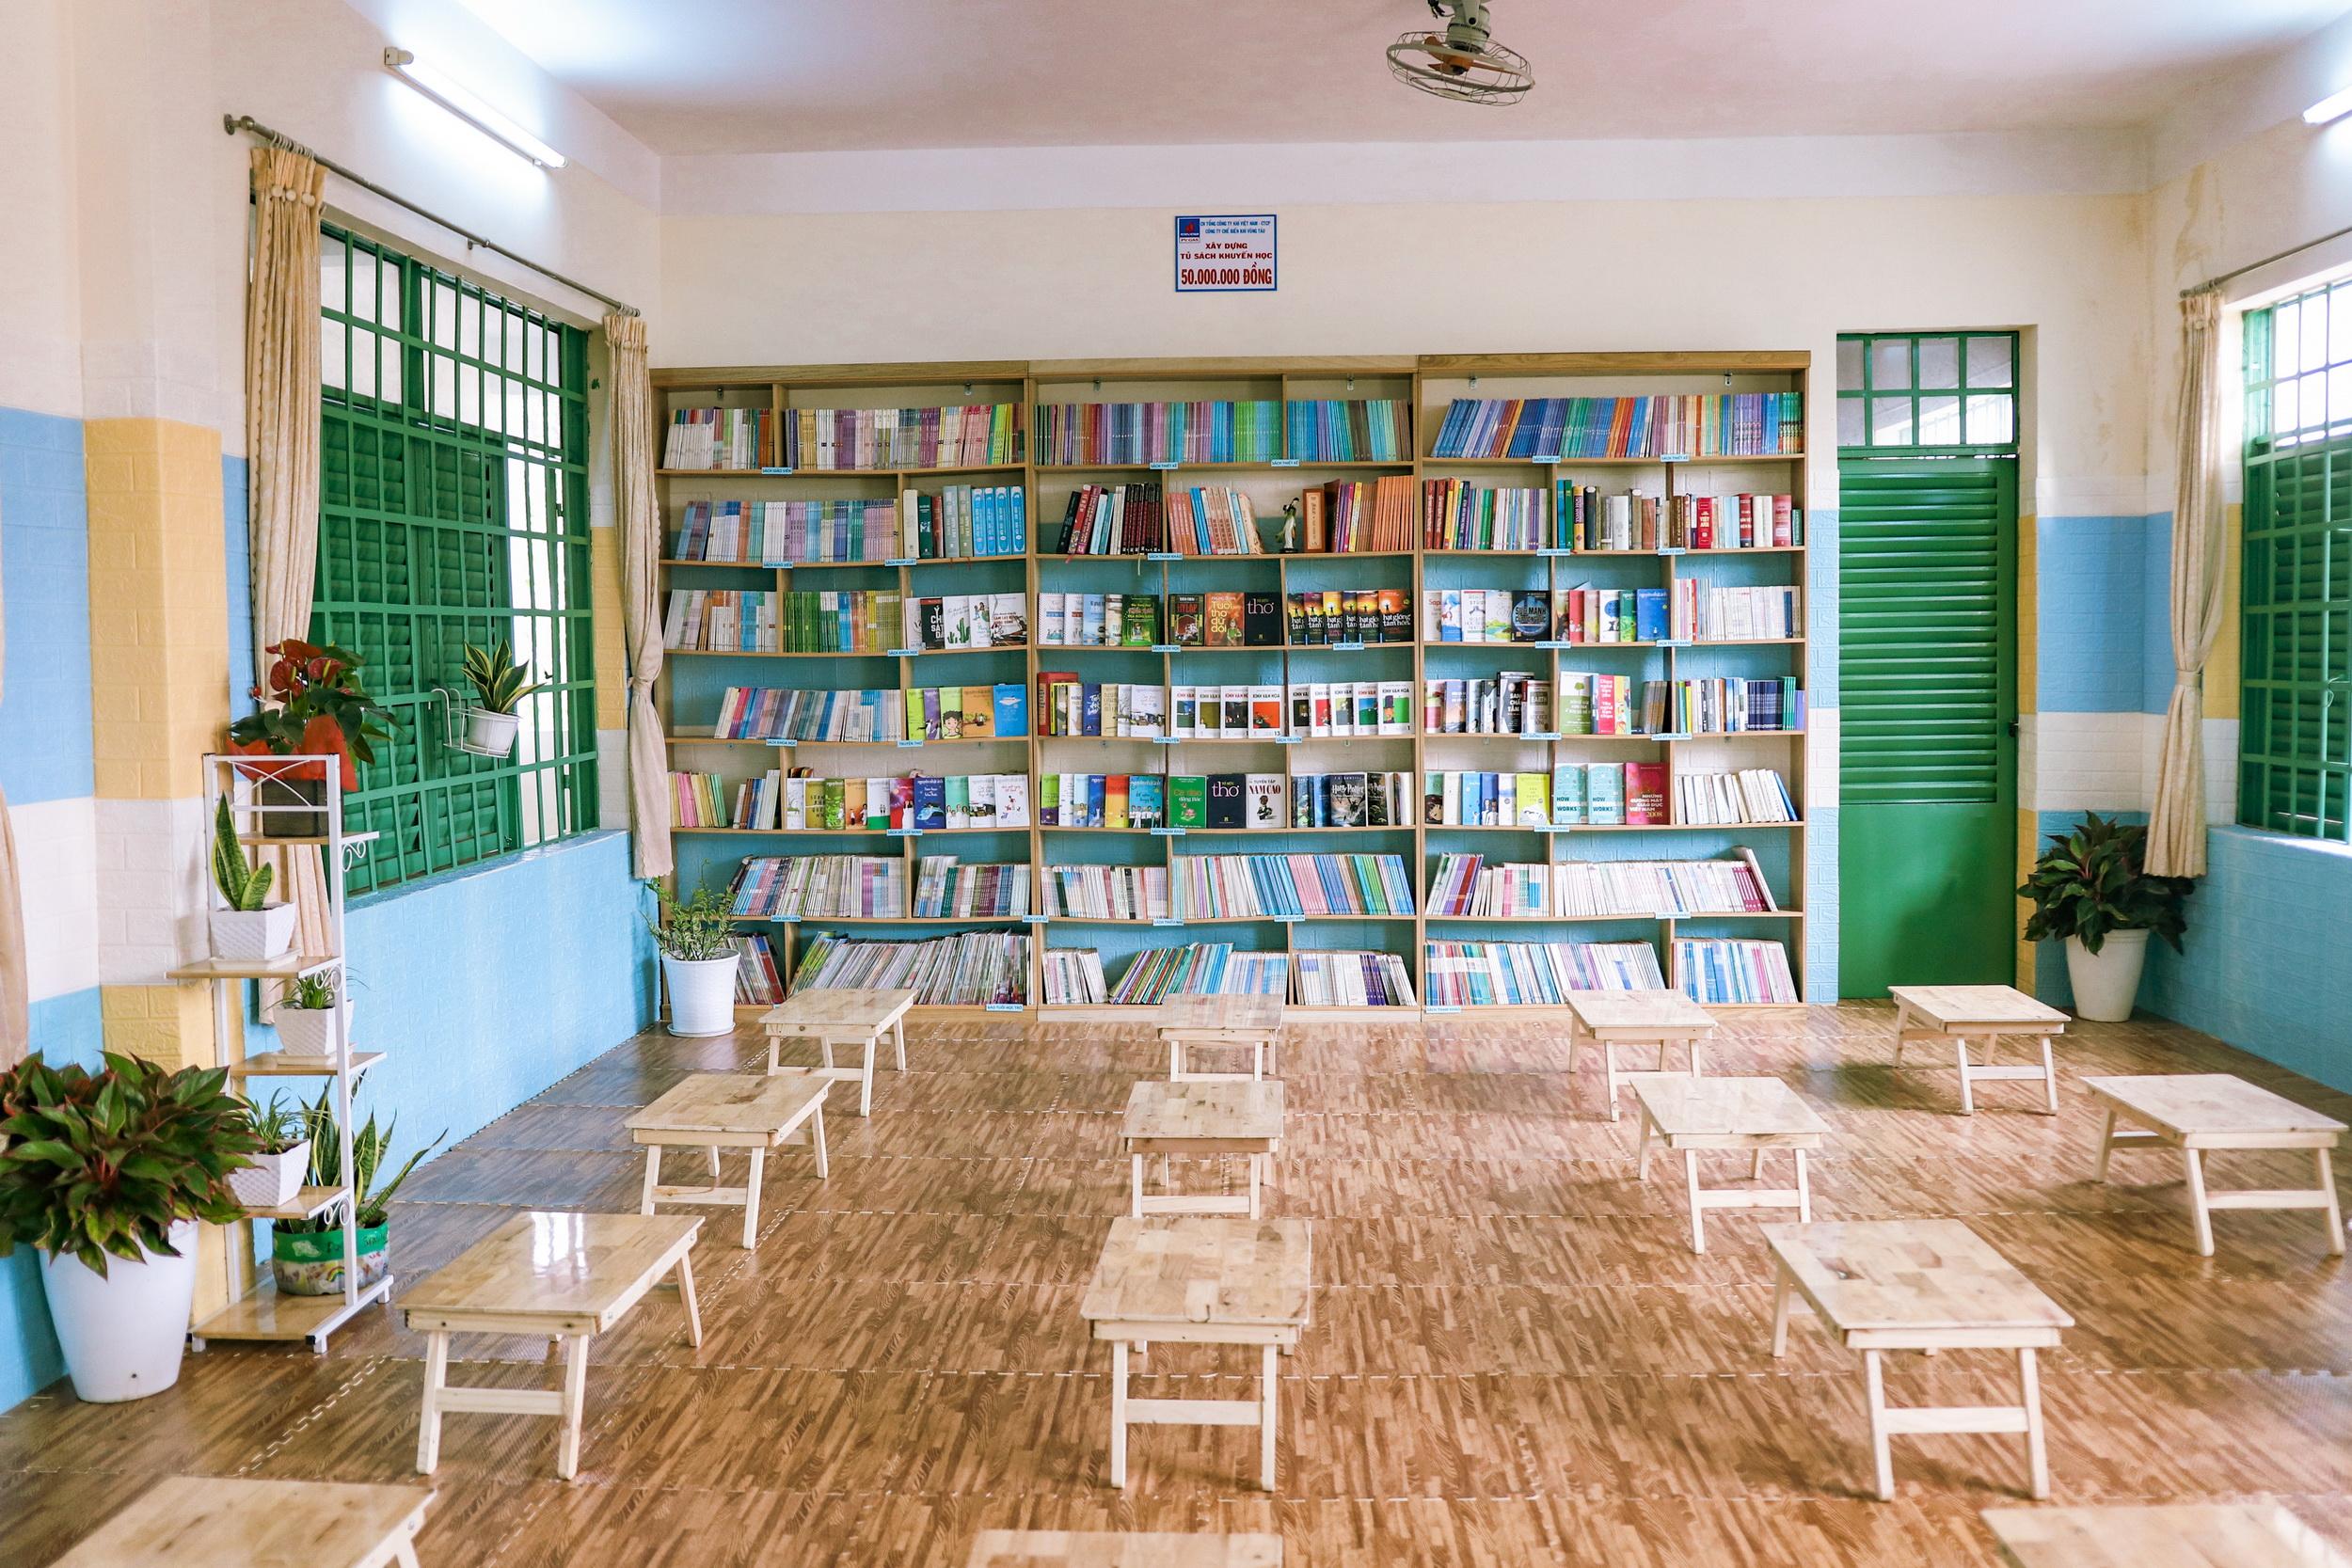 Không gian sạch đẹp dành tặng cho học sinh, khuyến khích văn hóa đọc